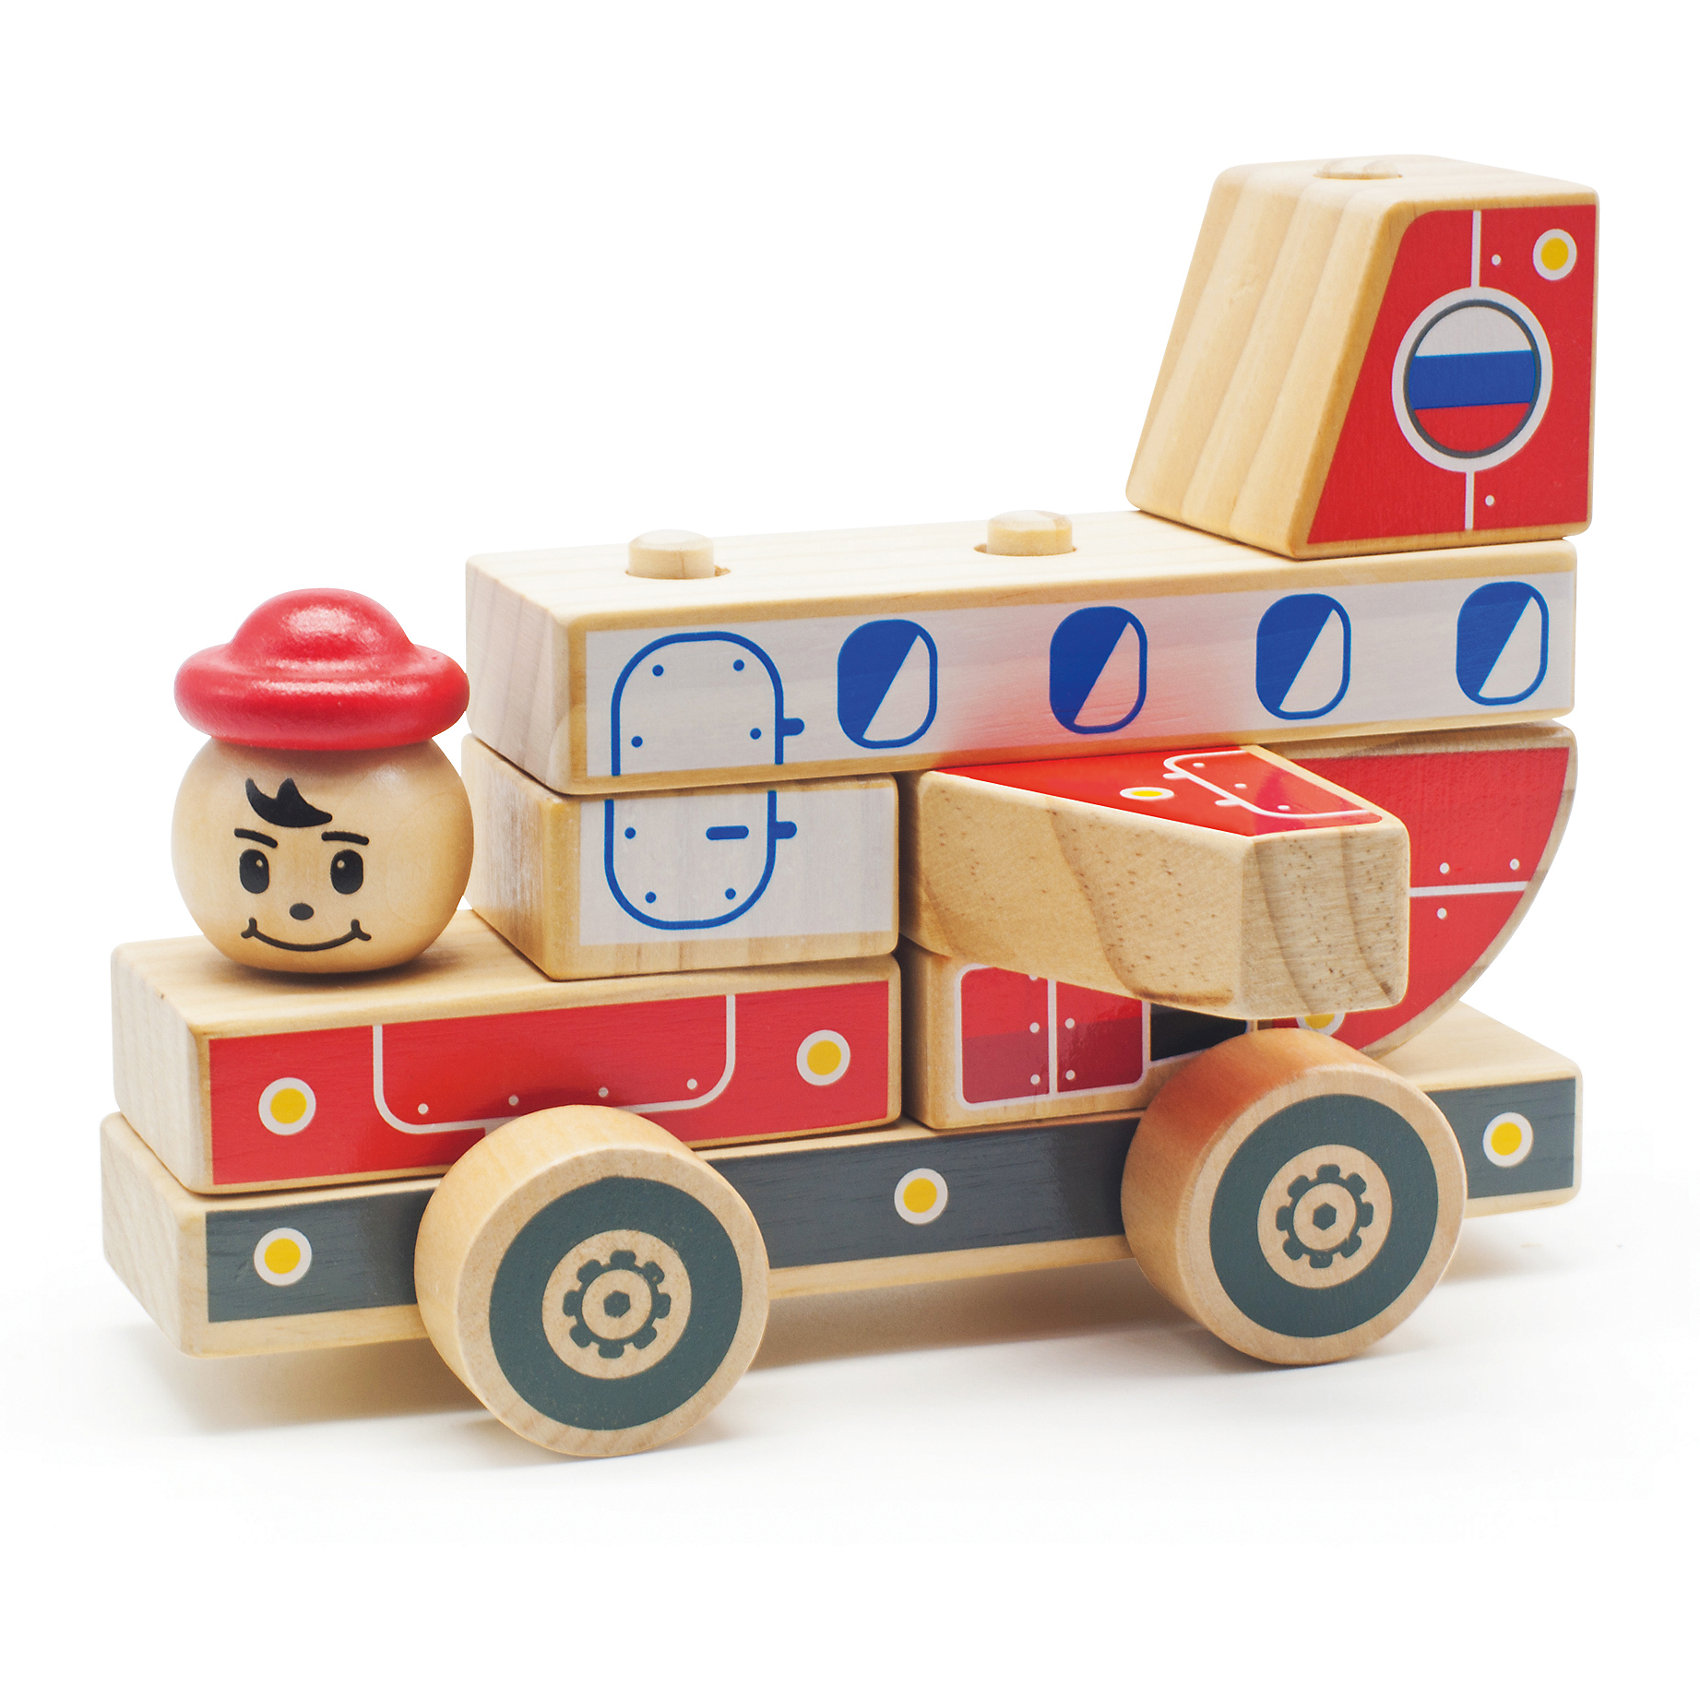 Автомобиль-конструктор 4, Мир деревянных игрушек